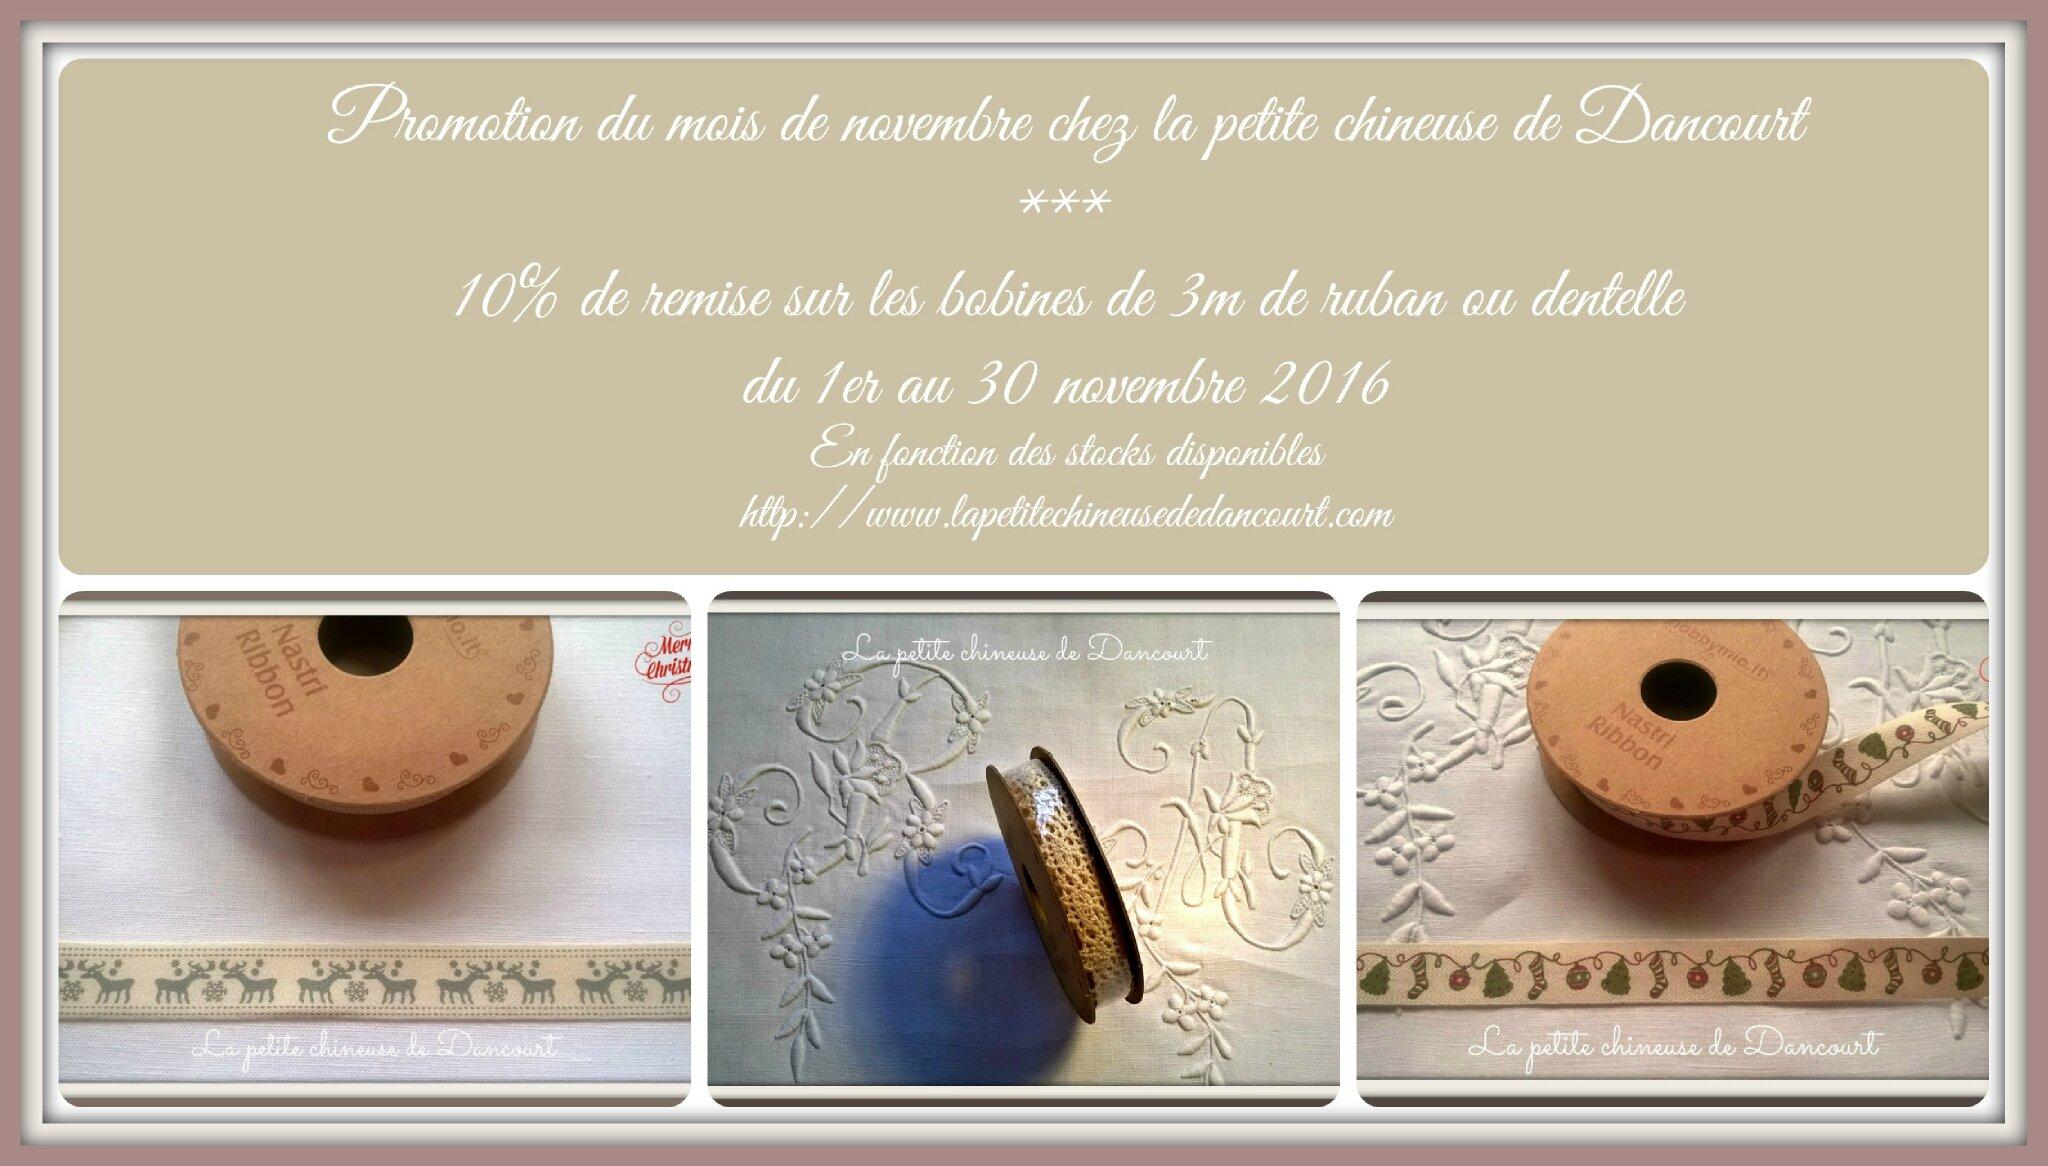 Promotion du mois de novembre chez la petite chineuse de Dancourt